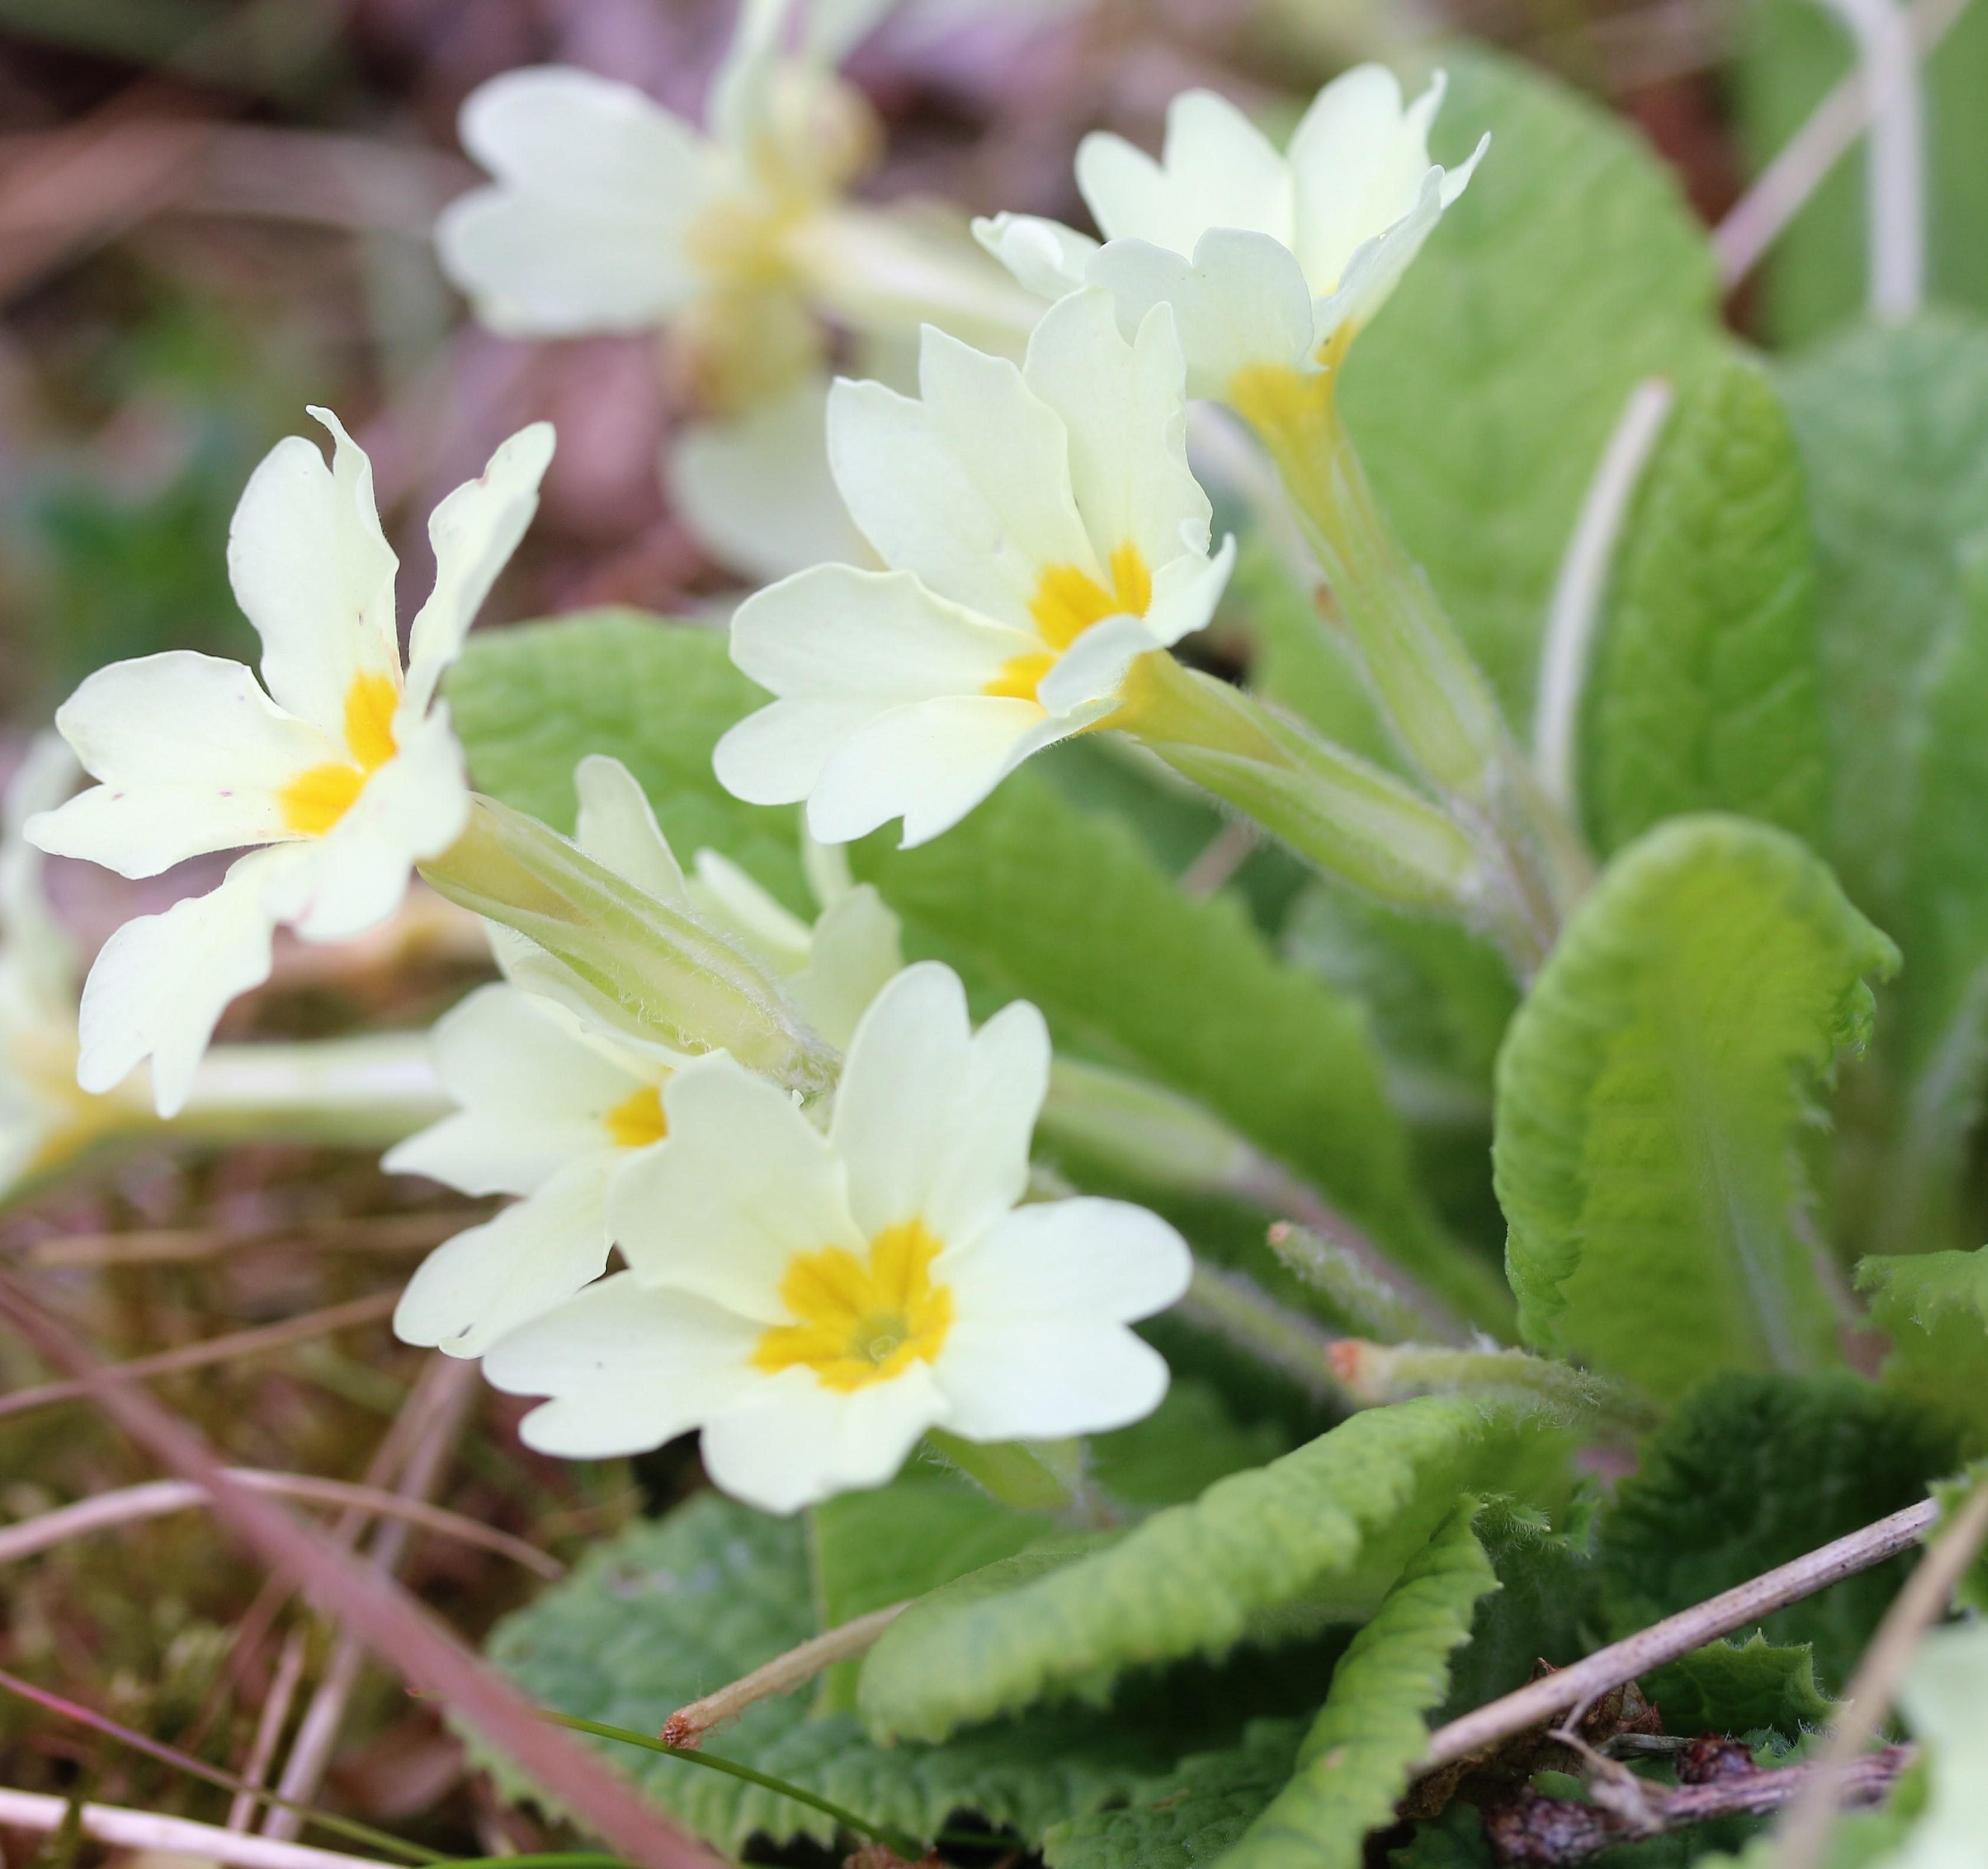 Primula vulgaris. Primrose.